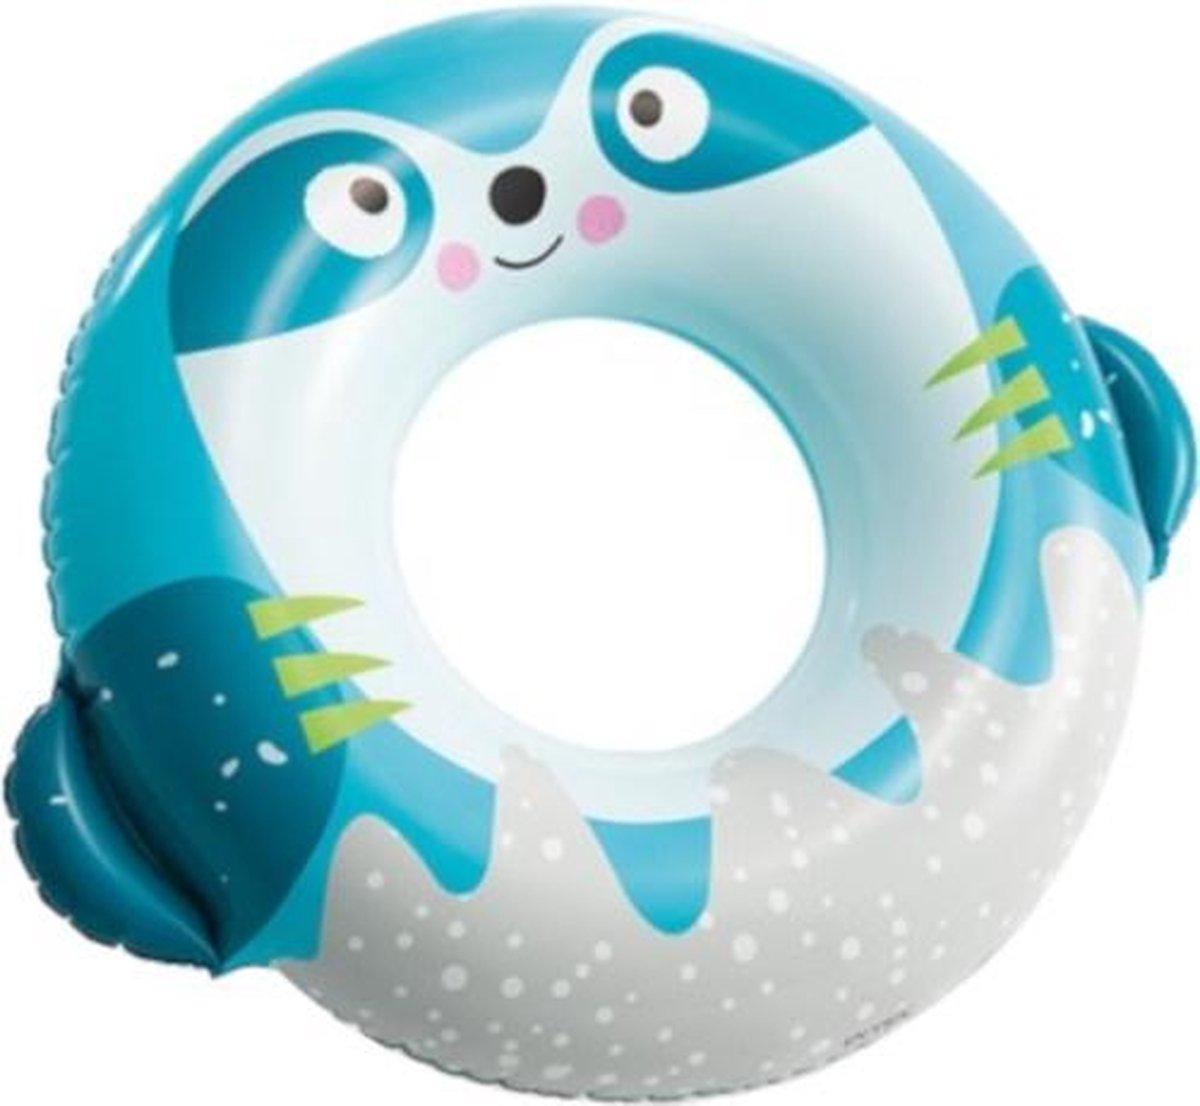 Intex Zwemband Luiaard 91 Cm Pvc Grijs/blauw